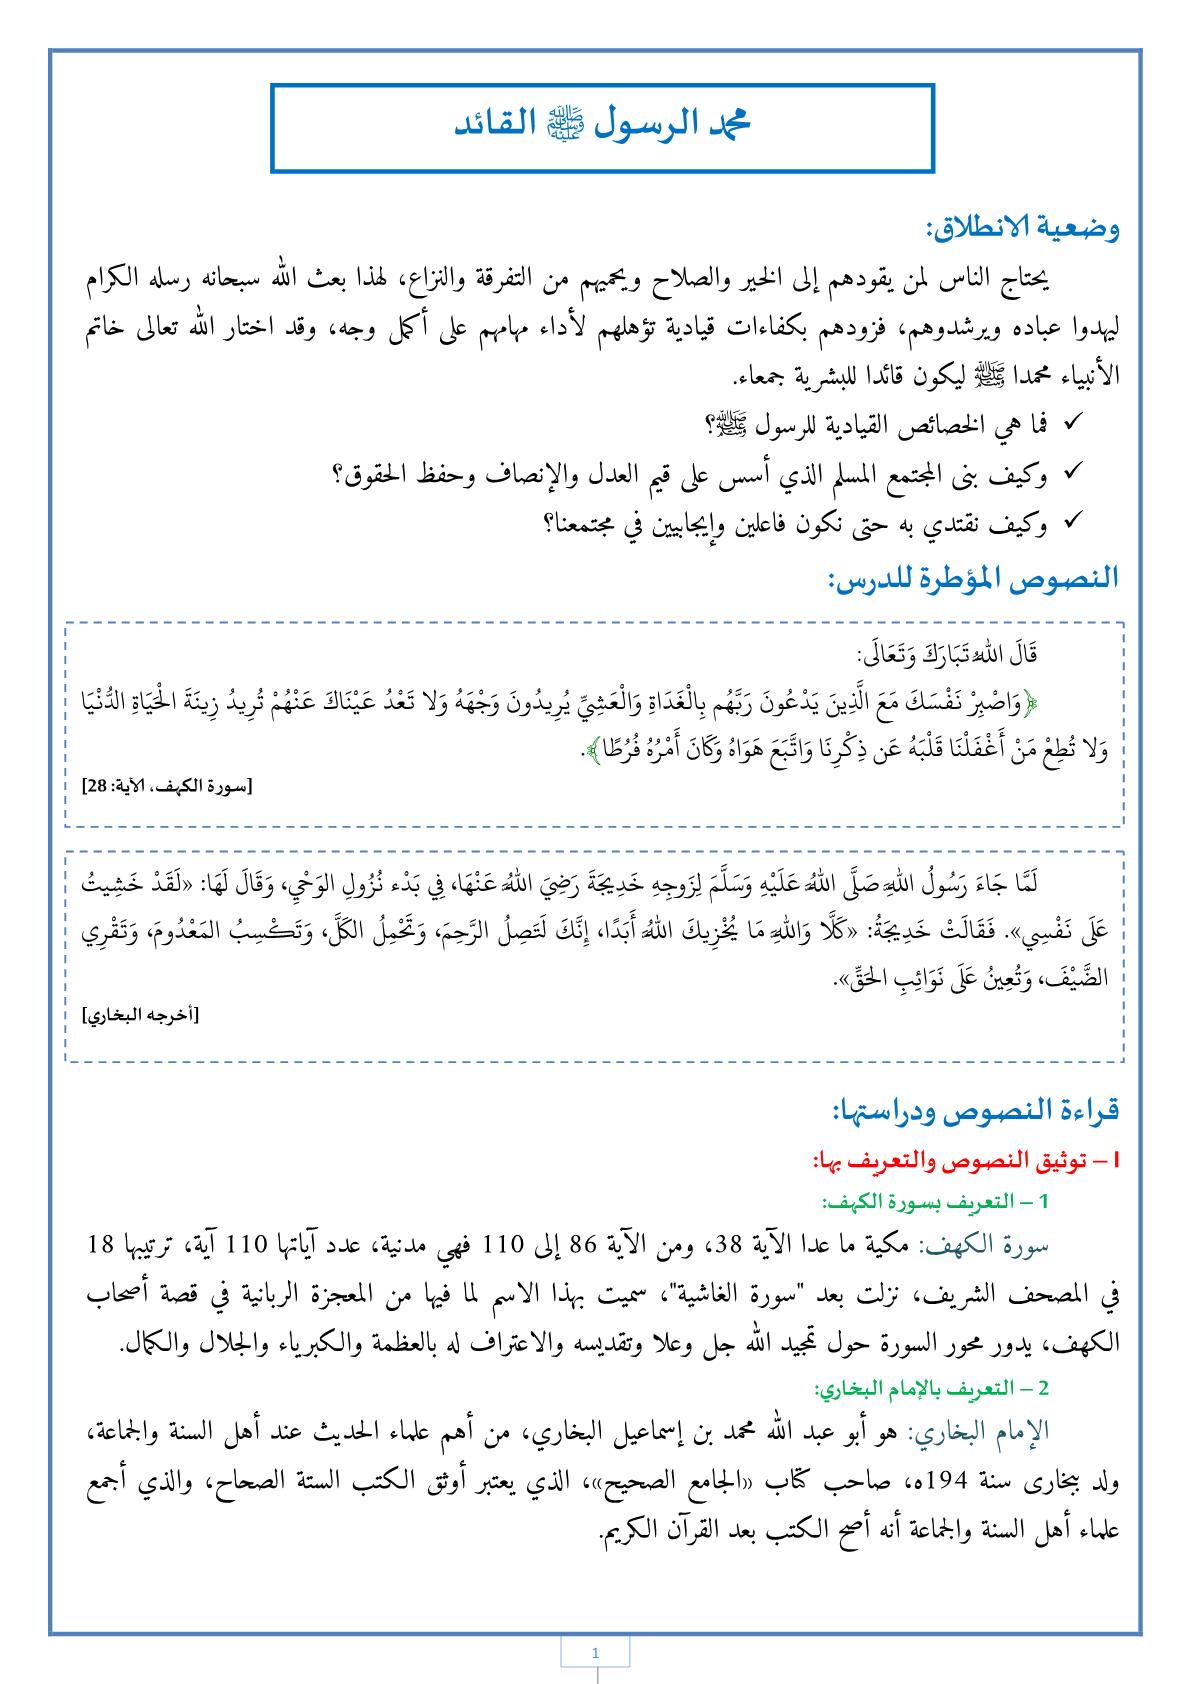 درس محمد الرسول ﷺ القائد للجذع المشترك